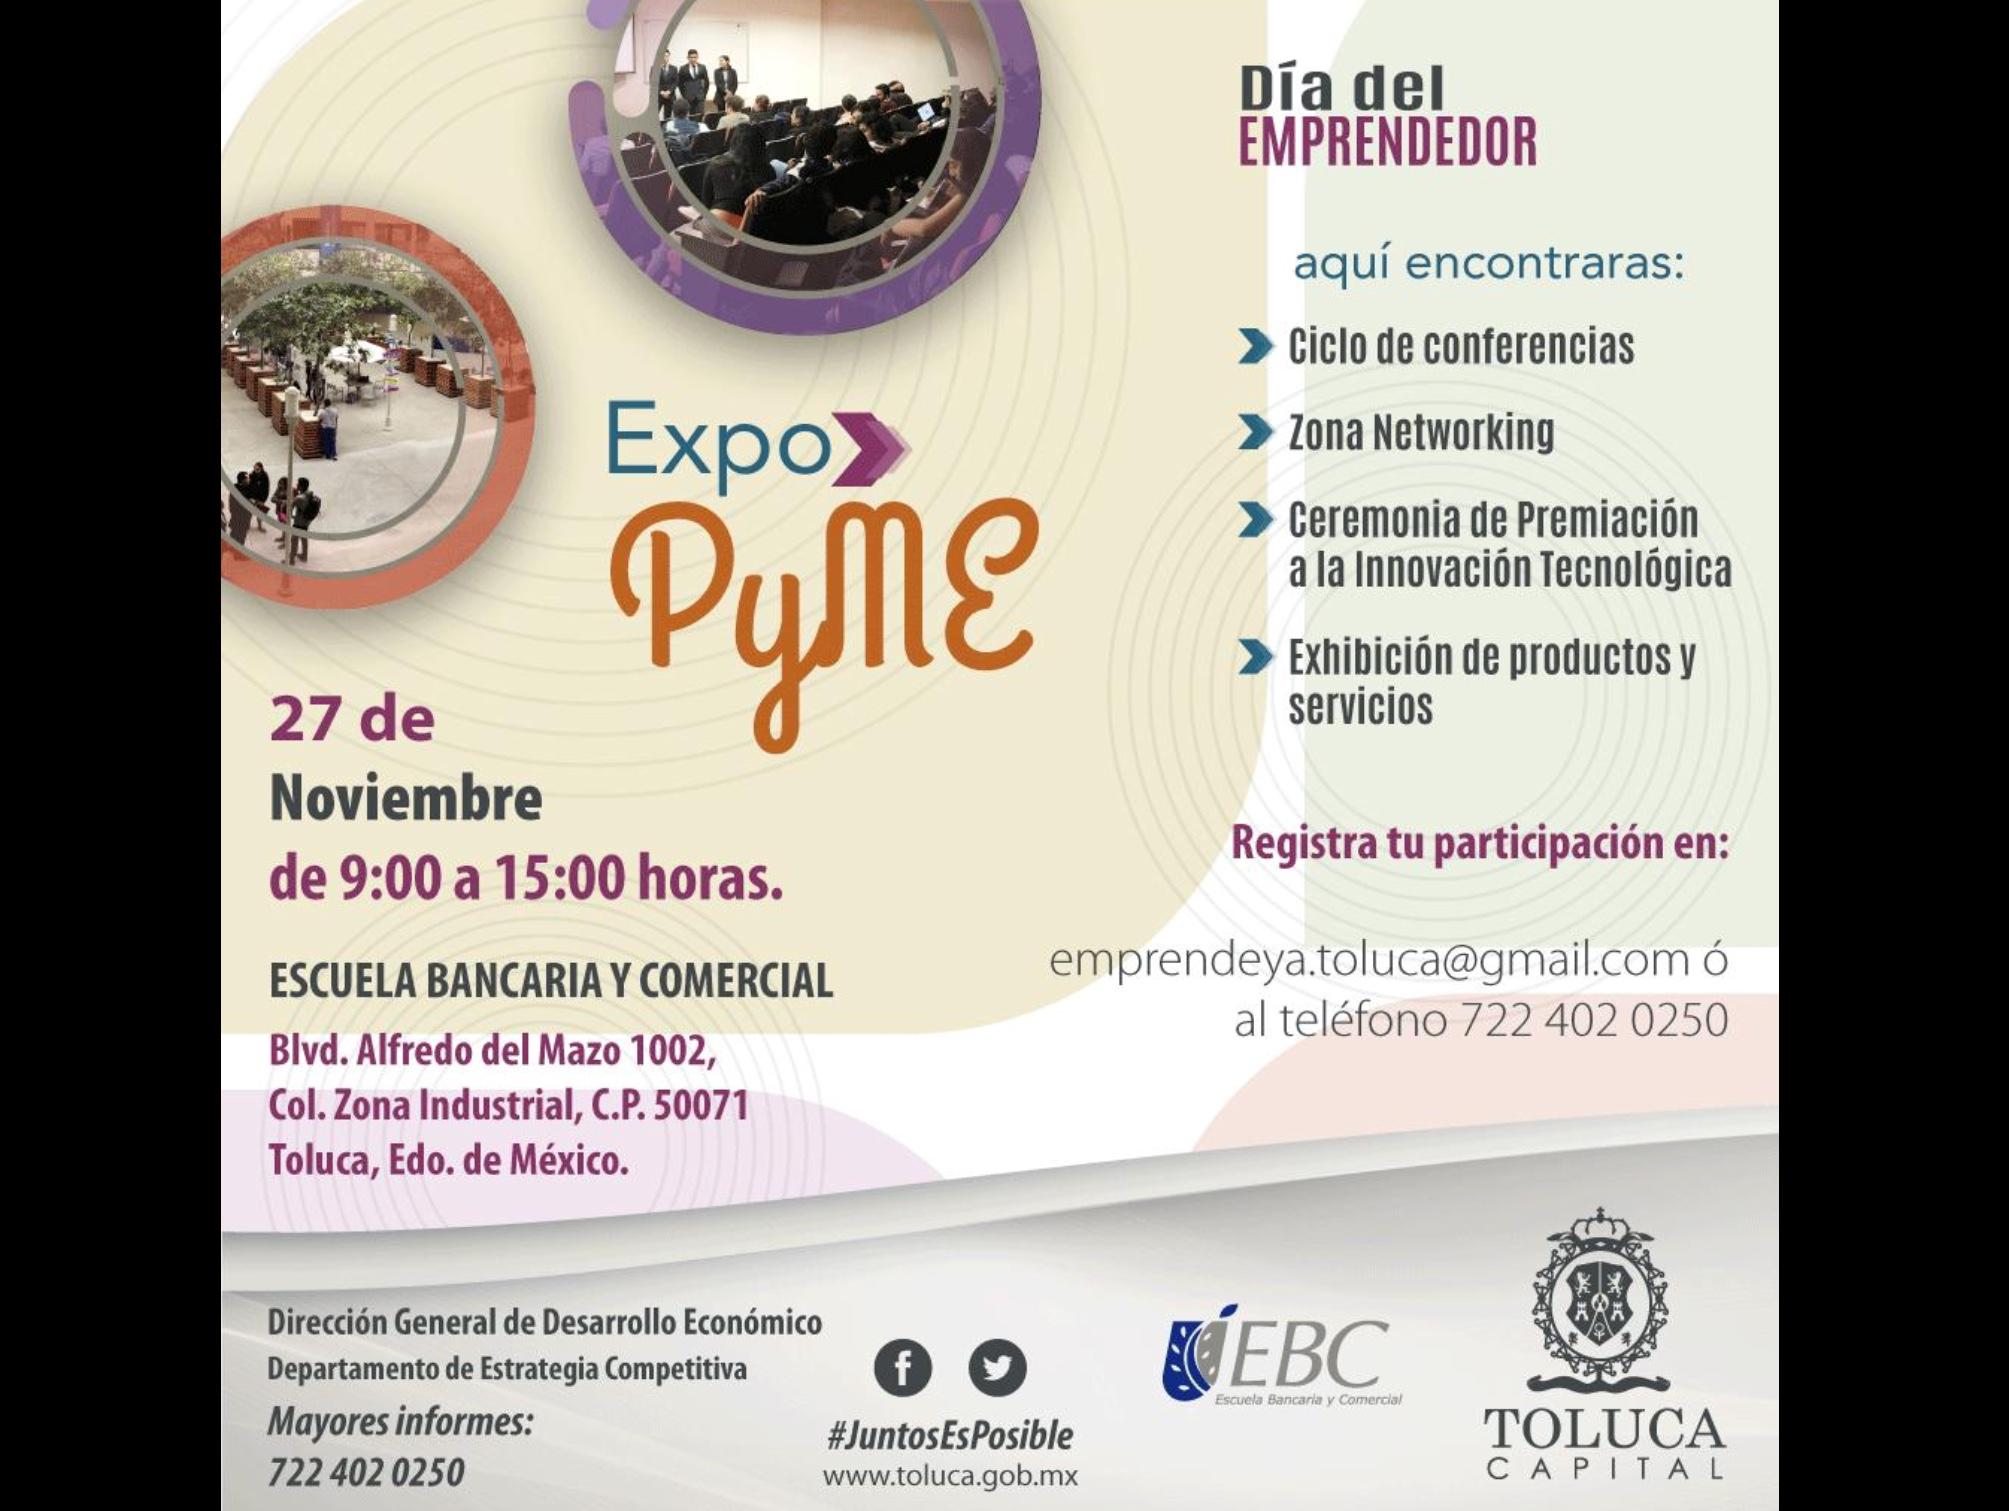 Convoca Toluca a emprendedores a Expo PyME